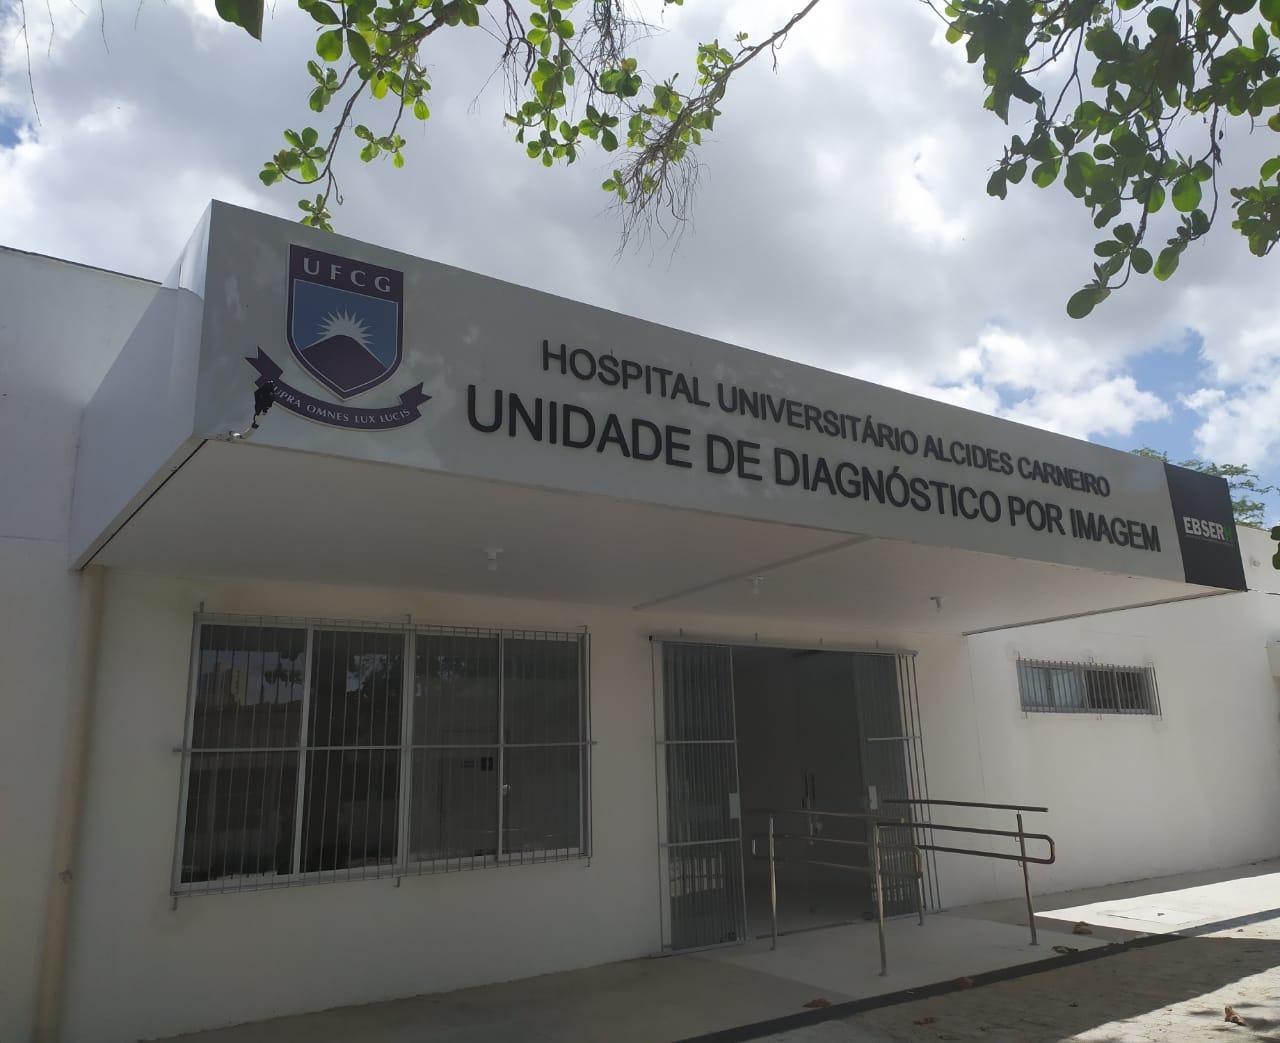 UDI 6 - HU de Campina Grande inaugura nova Unidade de Diagnóstico por Imagem